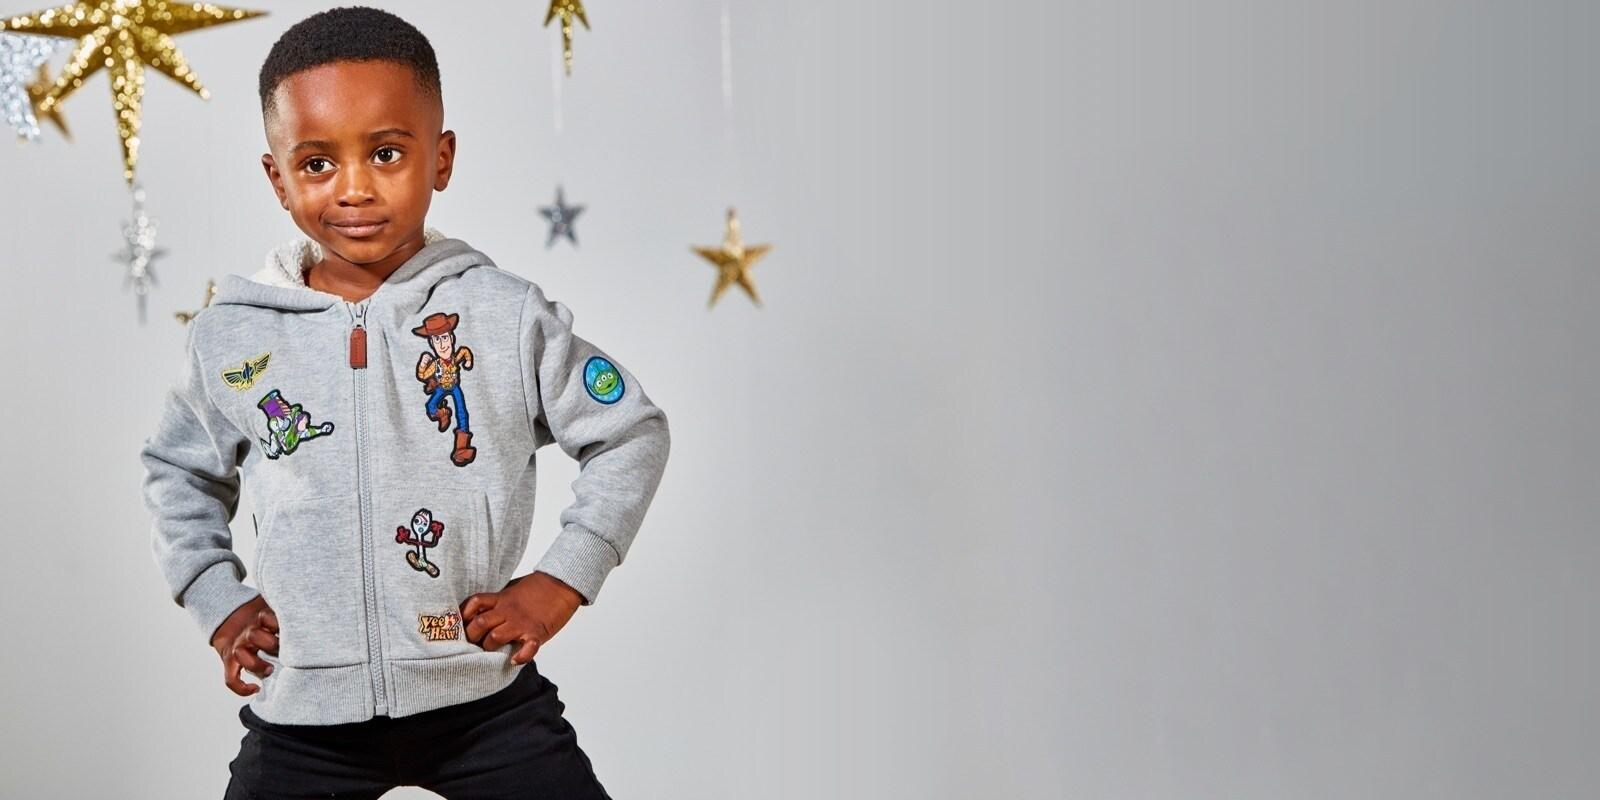 Der Junge, der Toy Story trägt, spornte Hoodie an